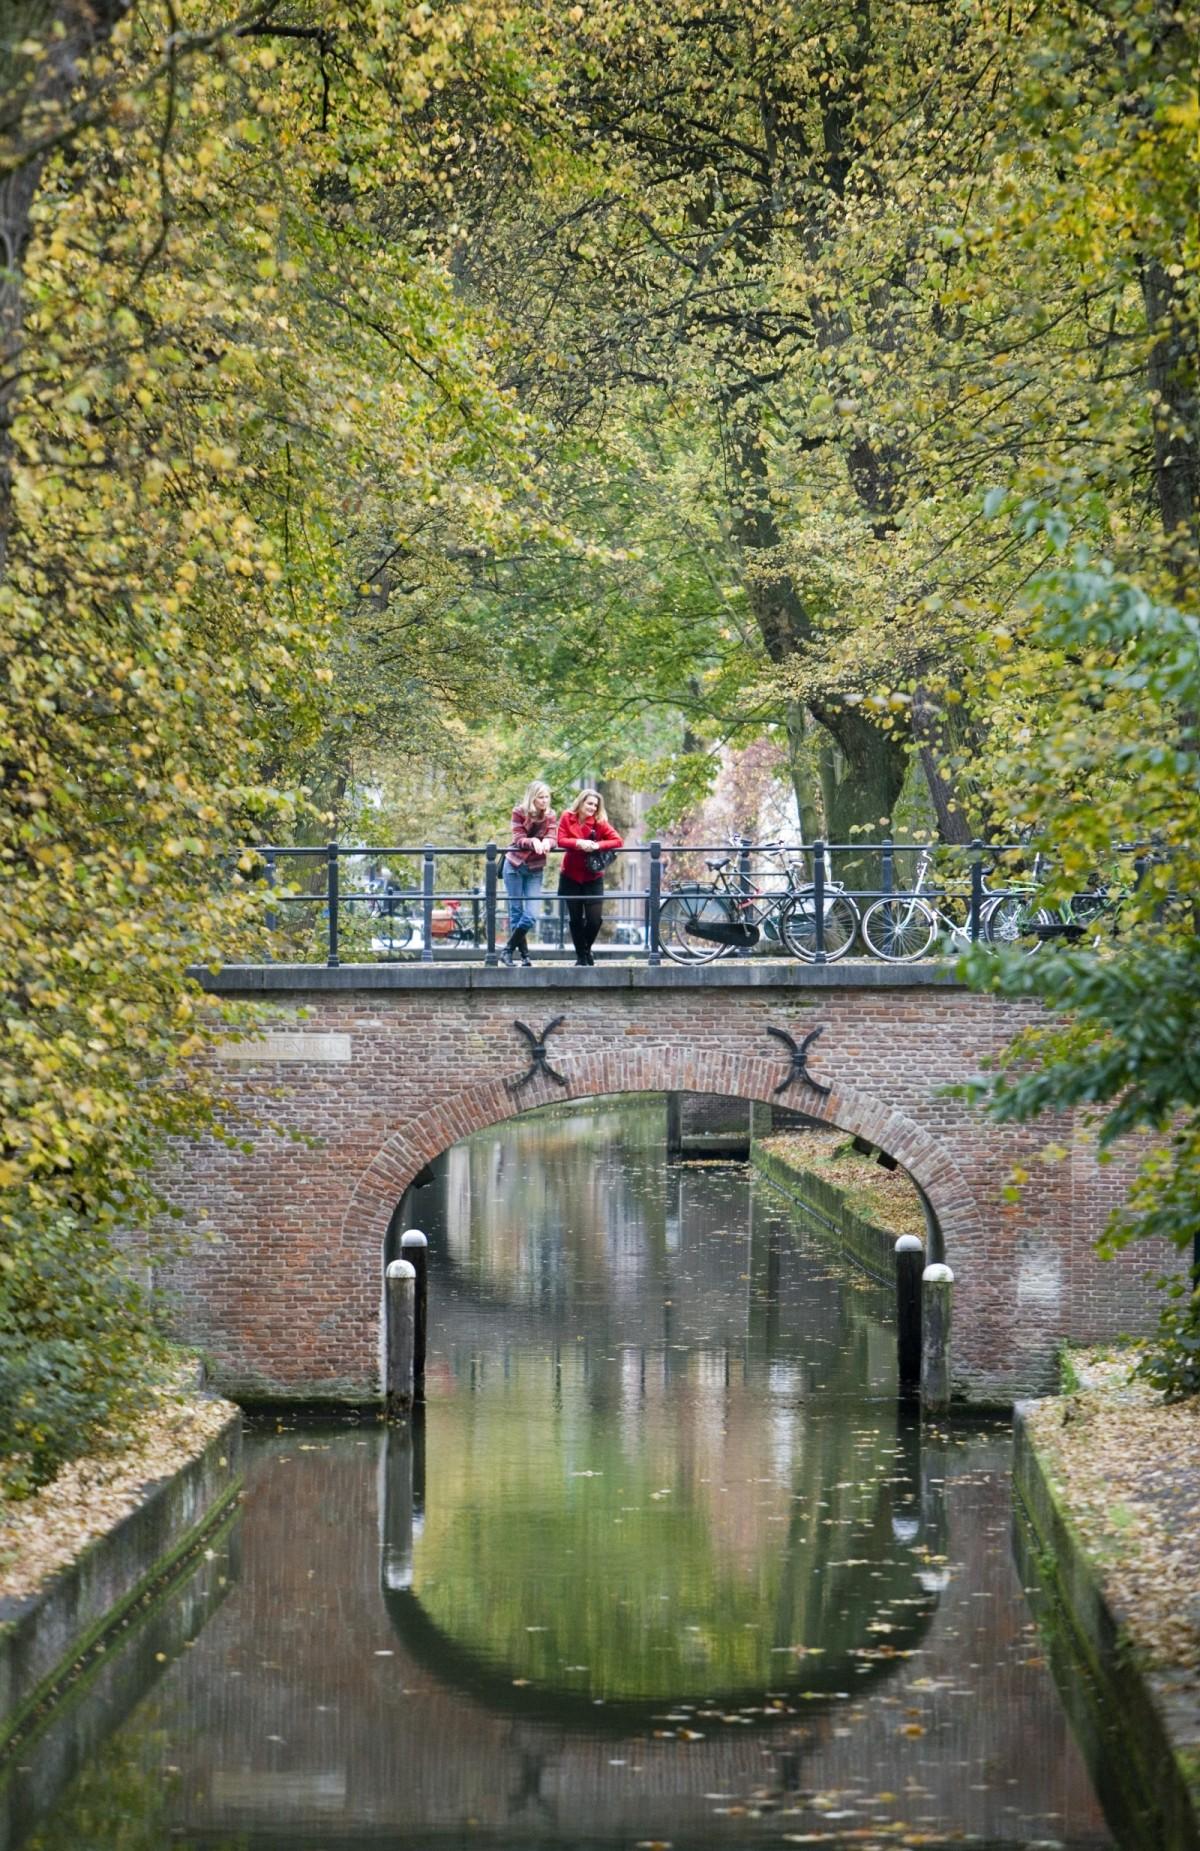 Oudegracht20-c-Willem-Mes_Toerisme-Utrecht-Afgekocht-e1481209370764